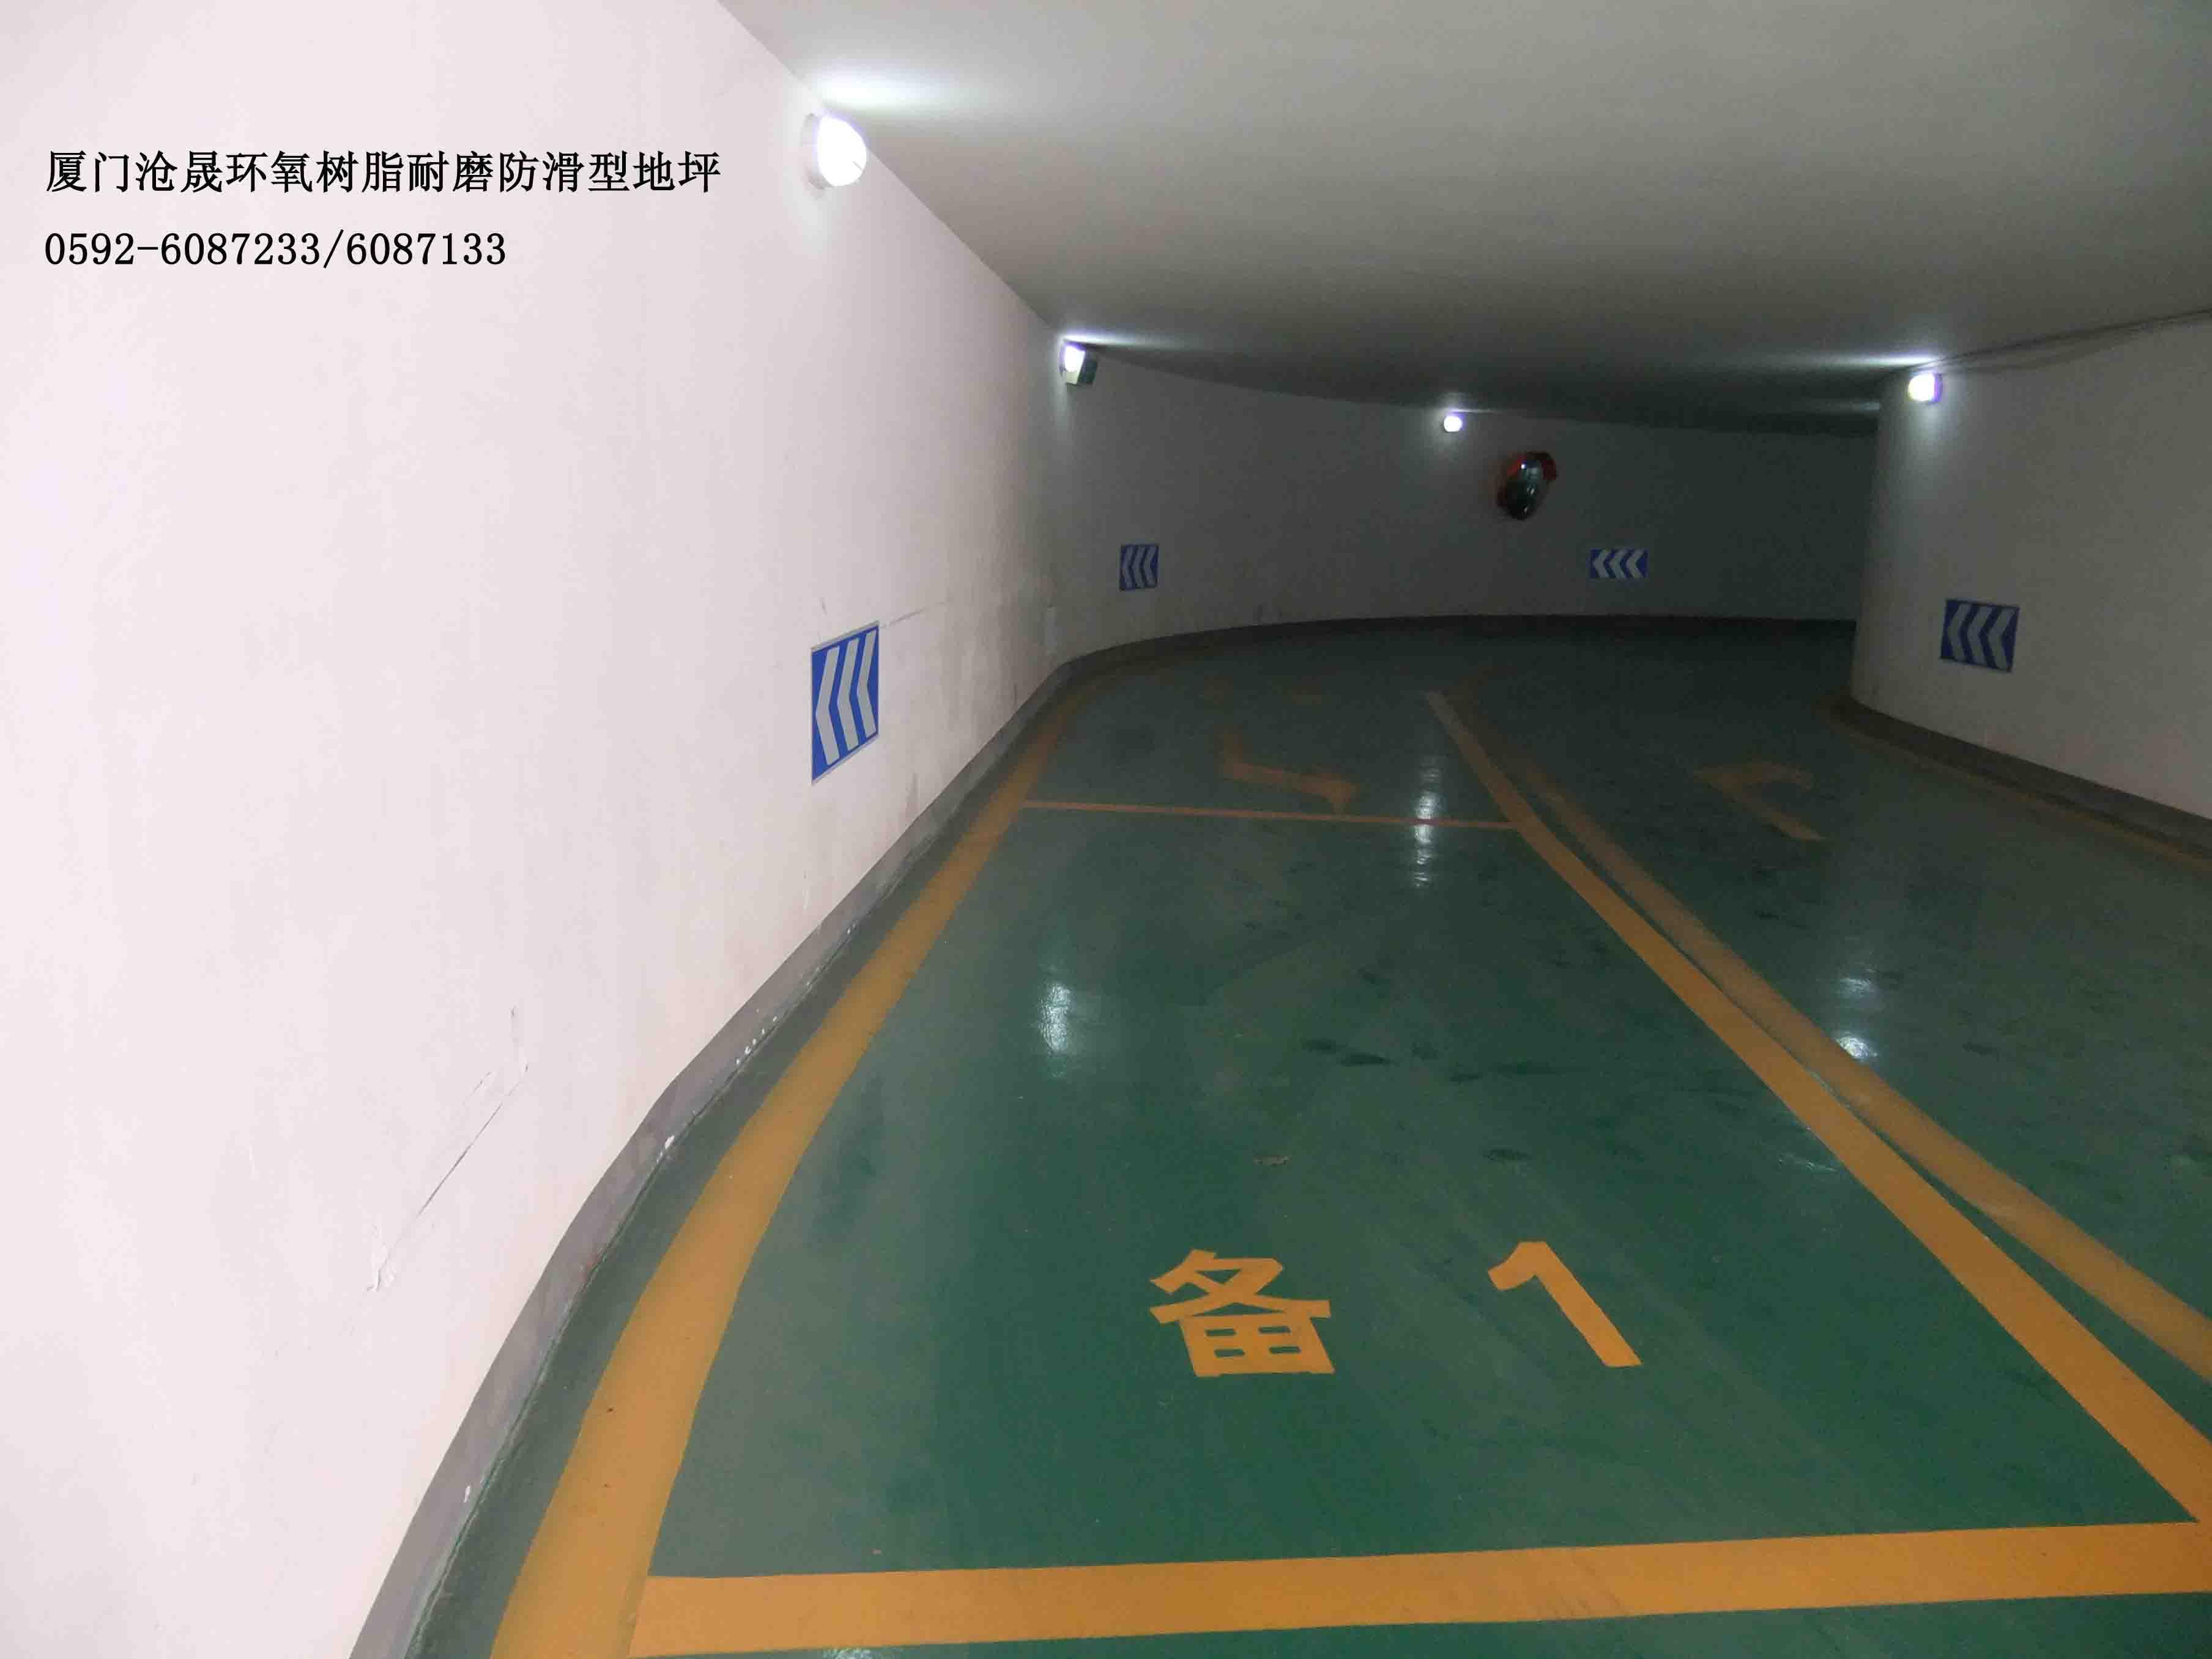 地坪漆 环氧树脂第地板 地板漆